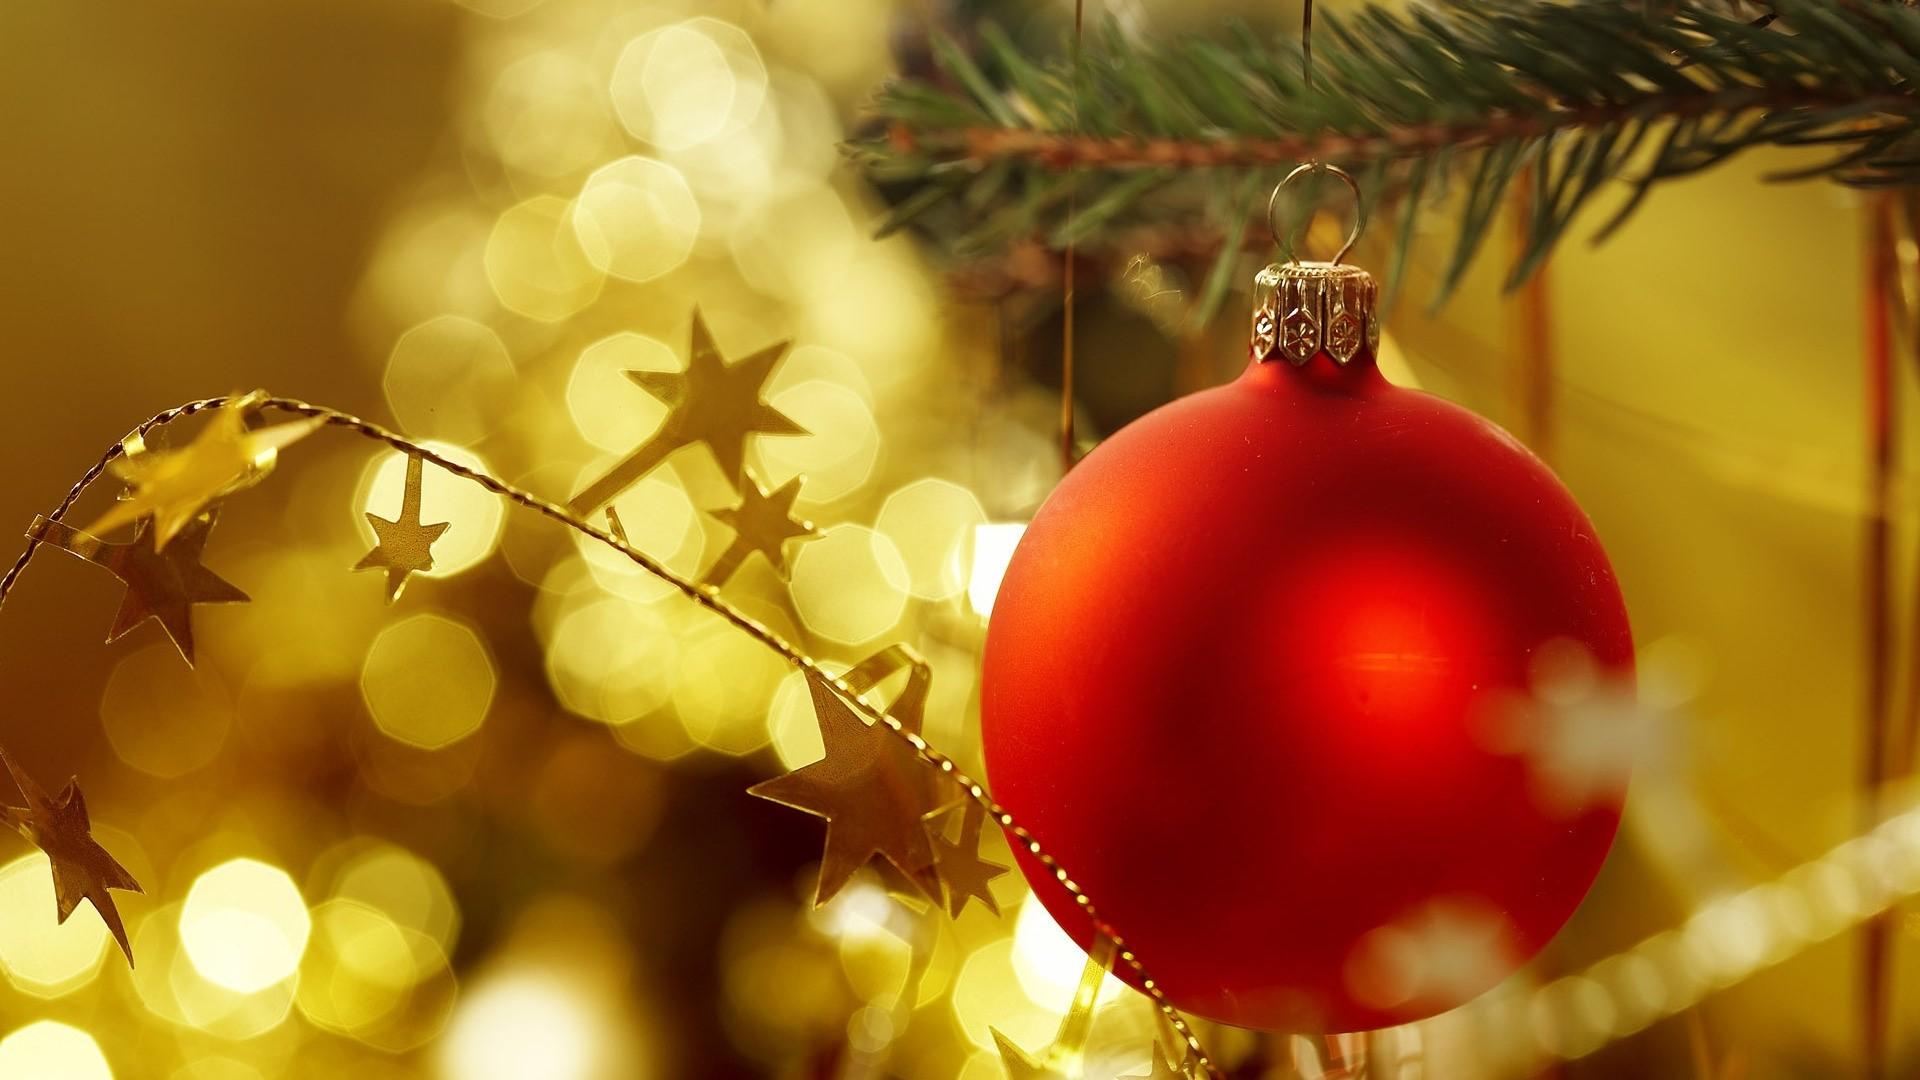 Fondo de pantalla de Esfera de Navidad con estrellas Imágenes